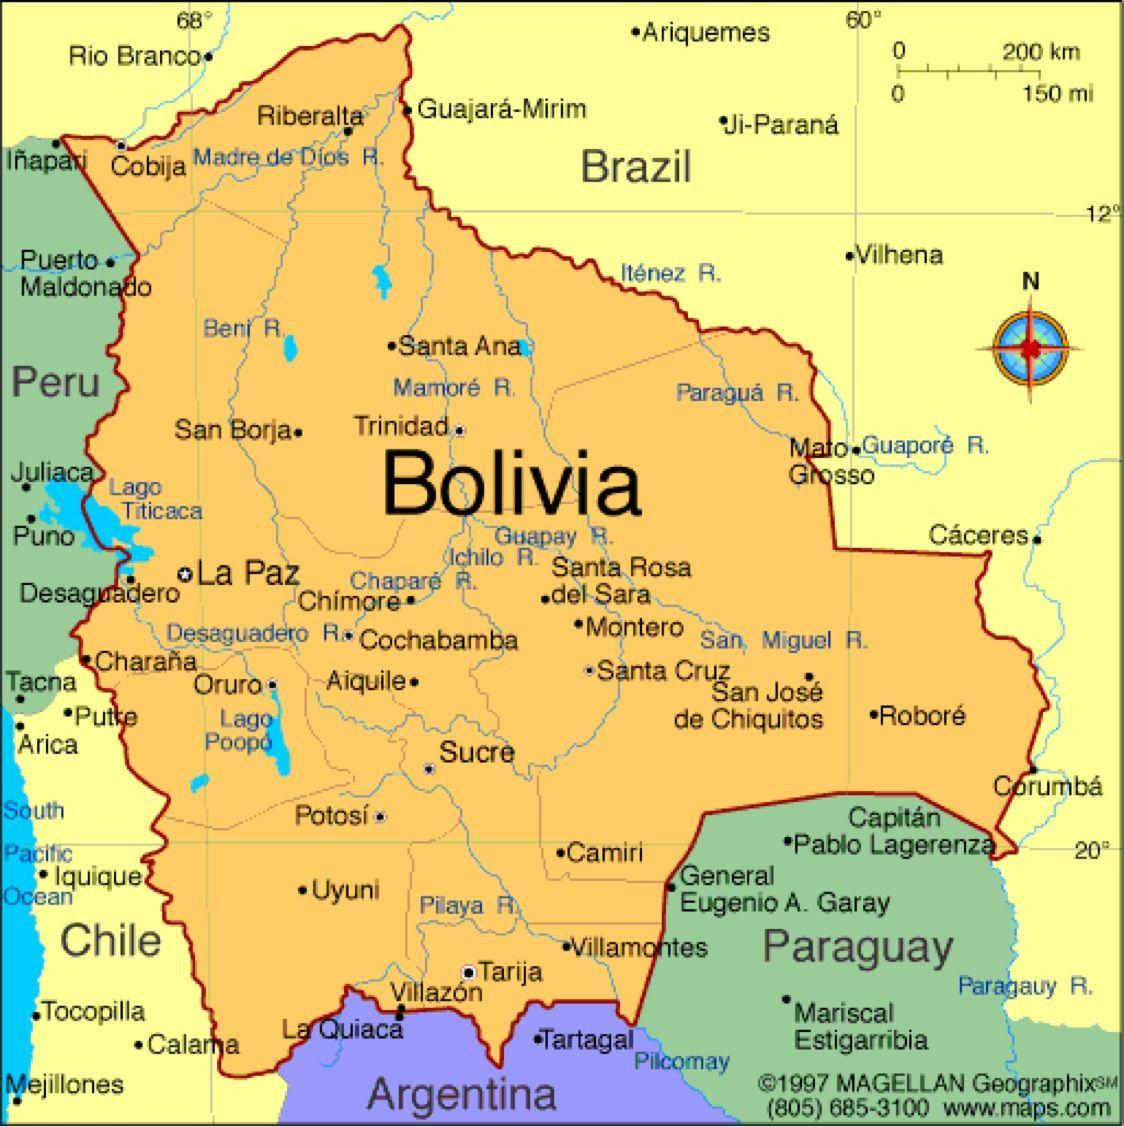 Mapa De Bolivia Político Físico Grande Para Imprimir 2019